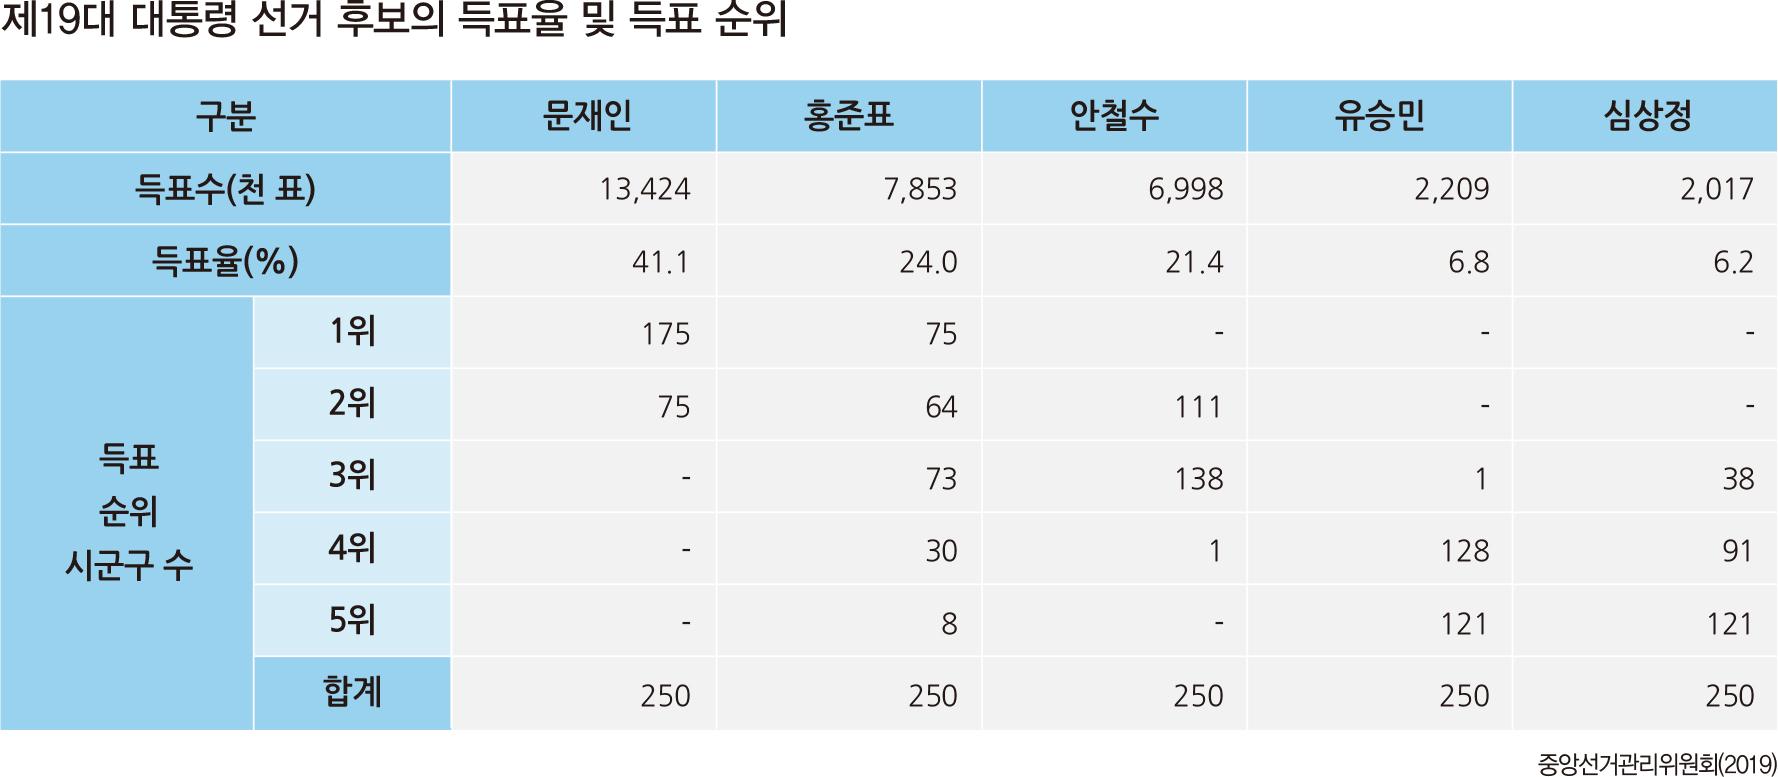 제19대 대통령 선거 후보의 득표율 및 득표 순위